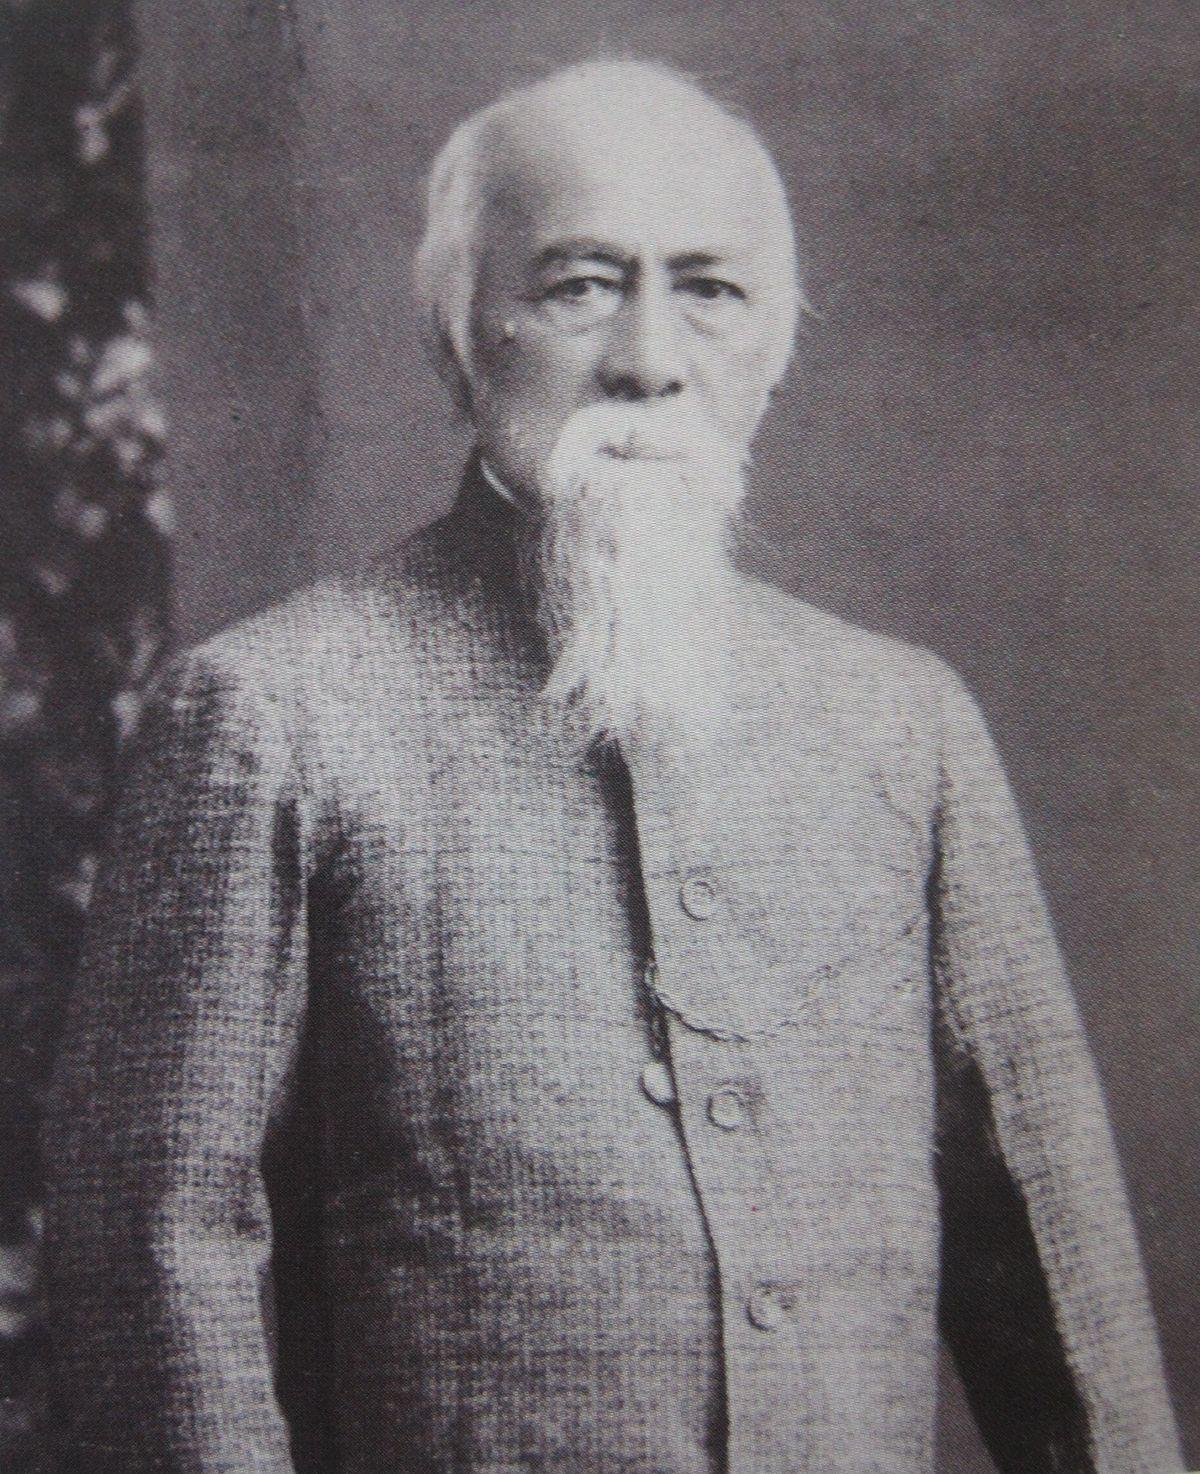 李春生 - Wikipedia